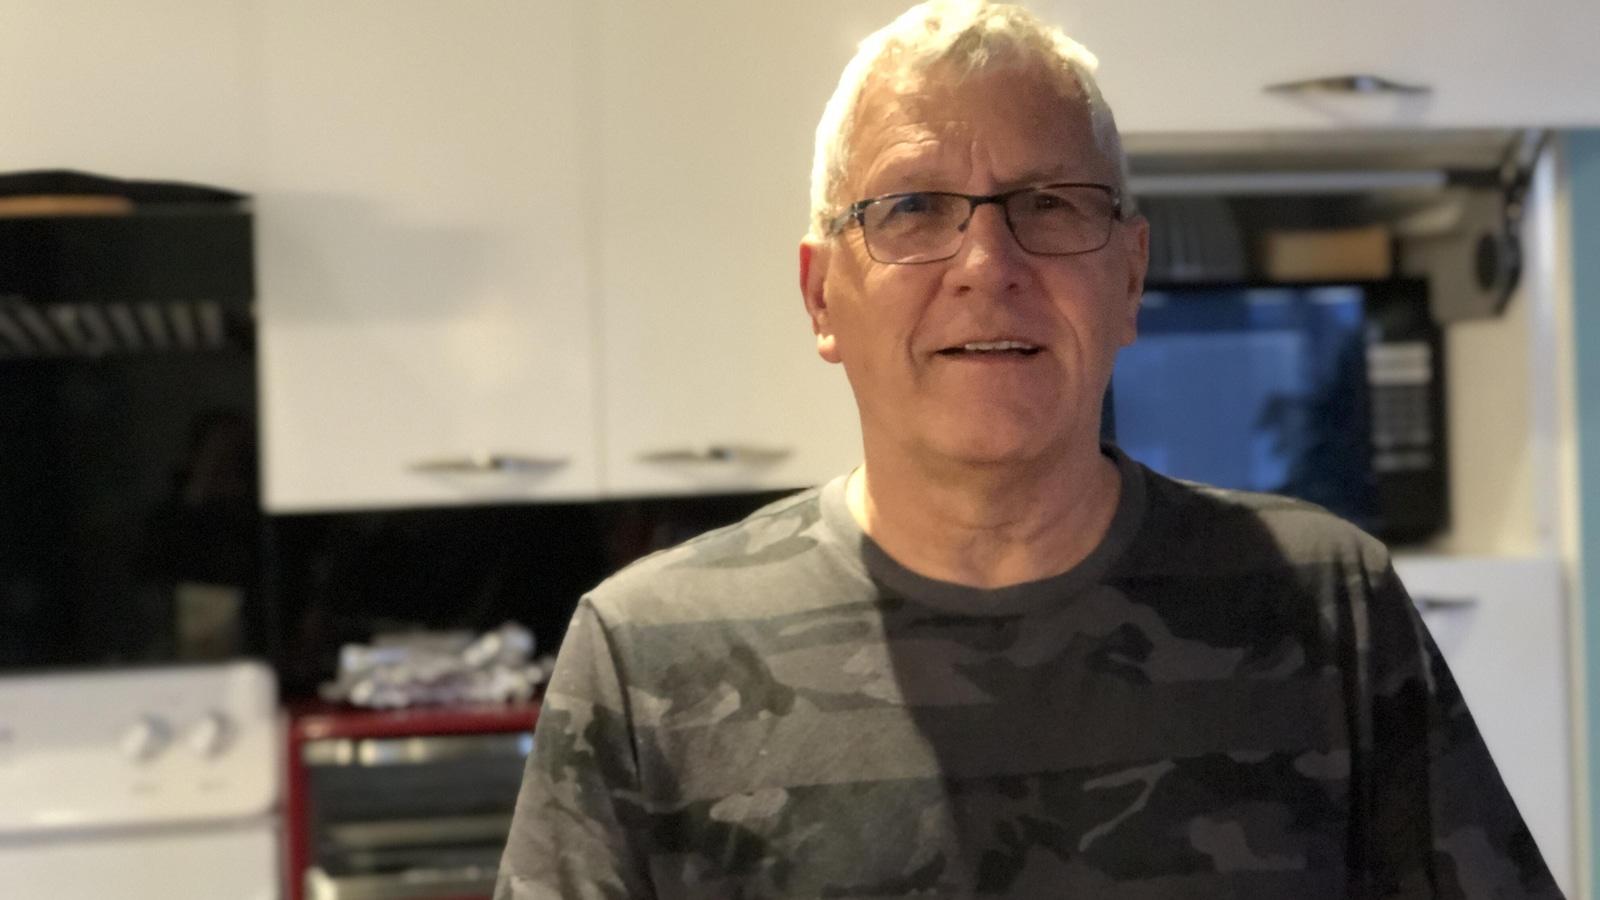 Gilbert Richard debout dans la cuisine de sa maison.